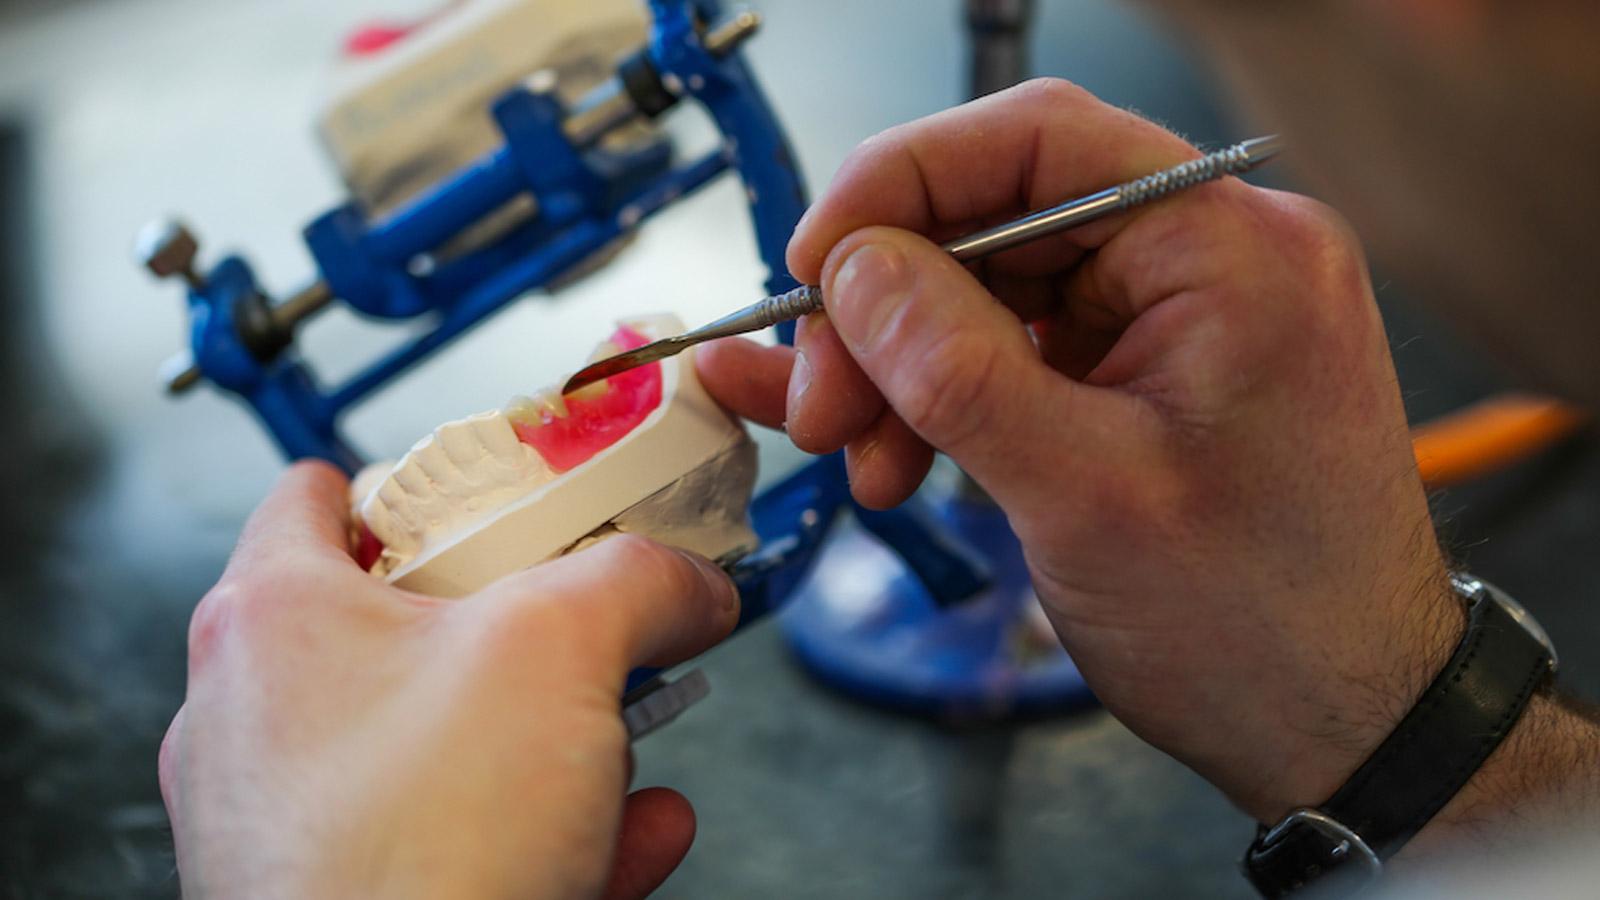 بریج و دندان مصنوعی با پشتیبانی ایمپلنت